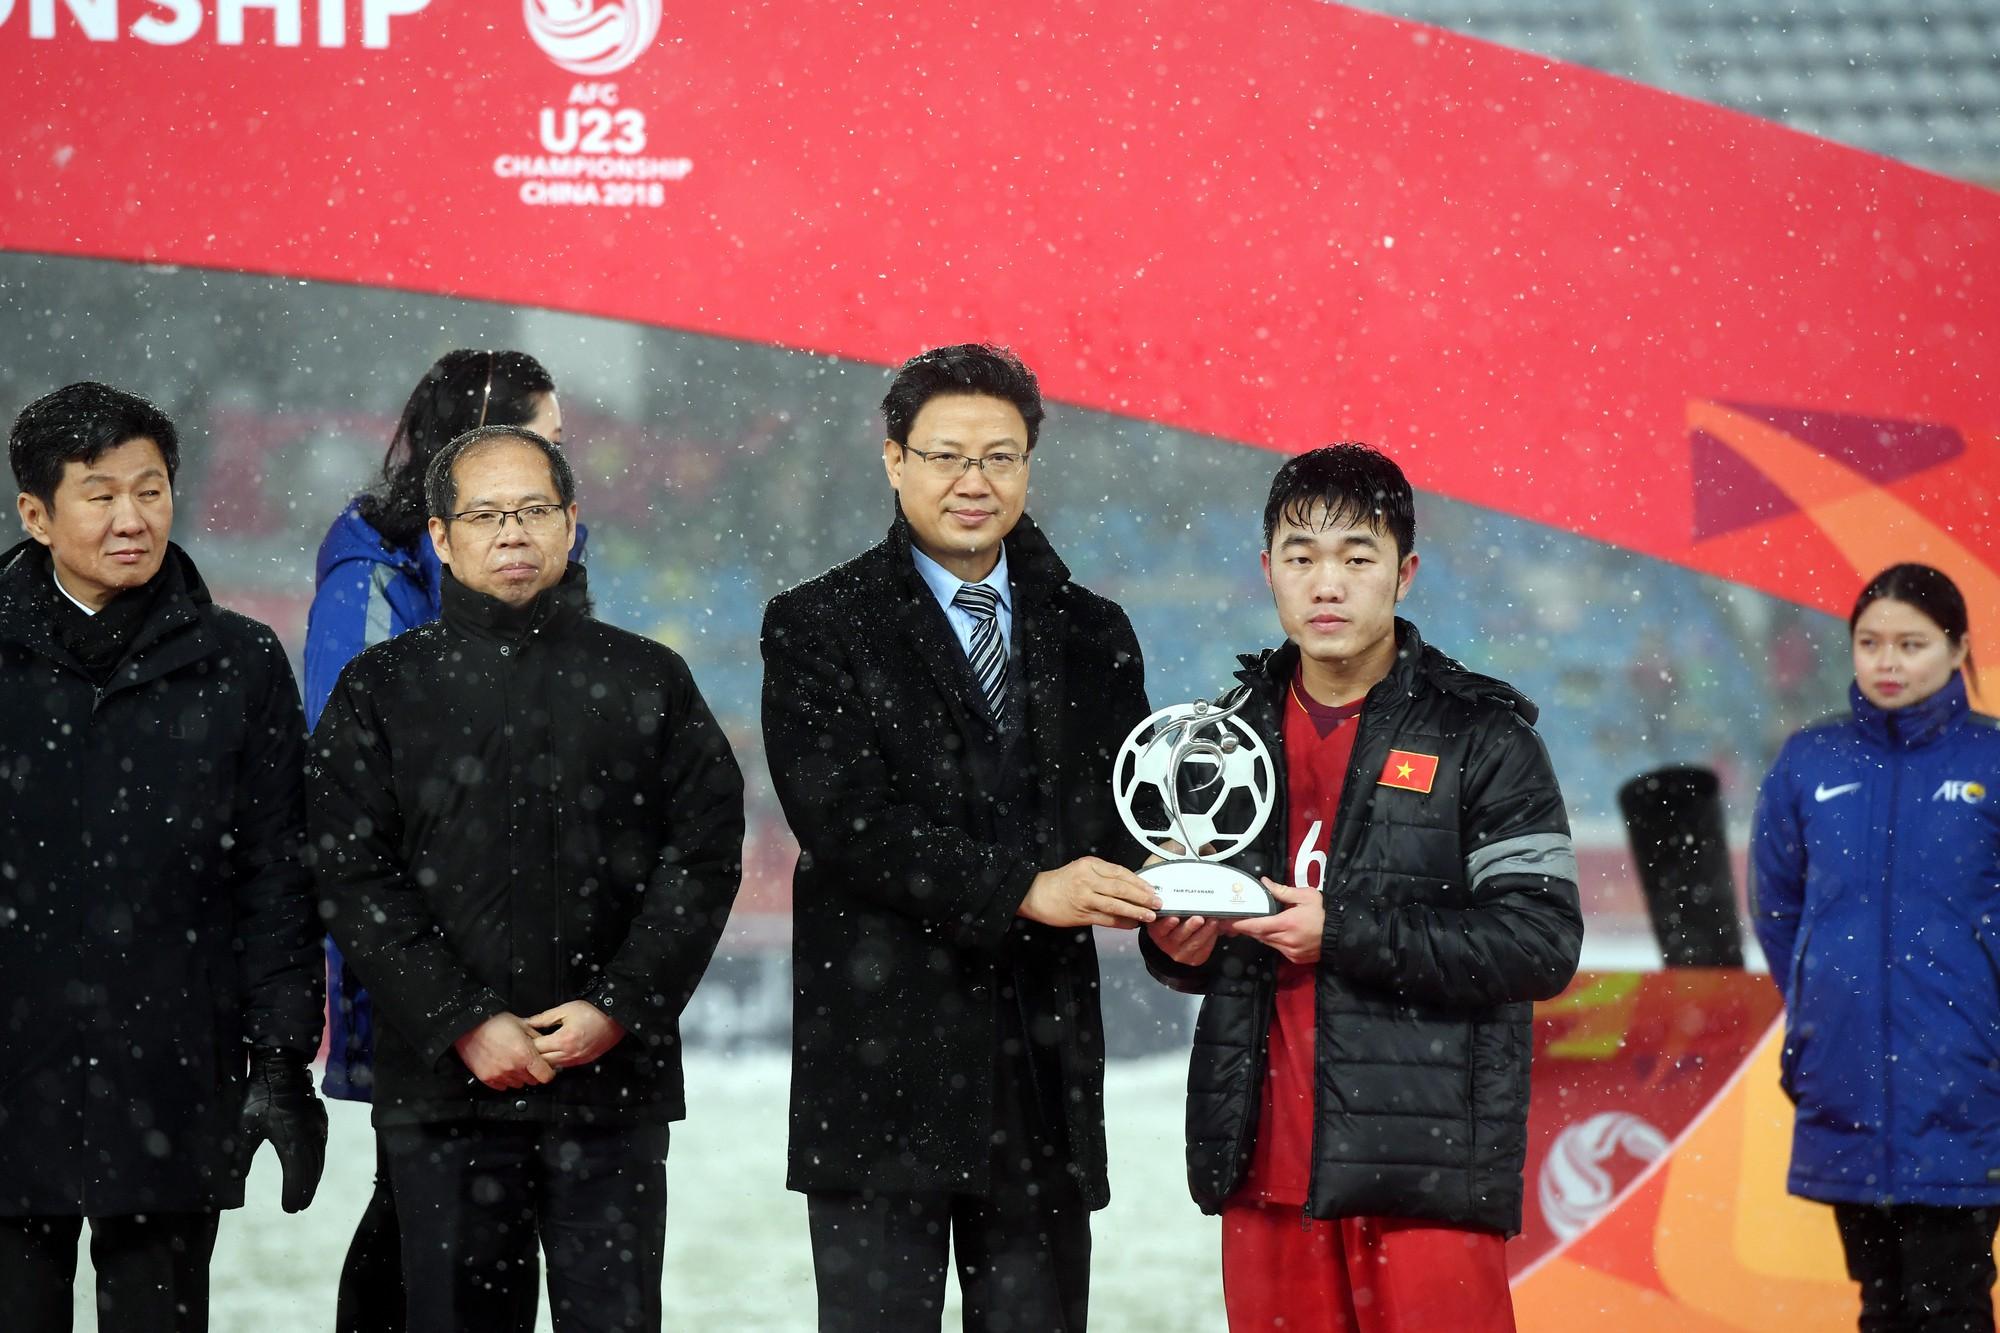 Chơi thứ bóng đá tận hiến như thế, U23 Việt Nam quá xứng đáng với giải thưởng Fair-Play - Ảnh 4.